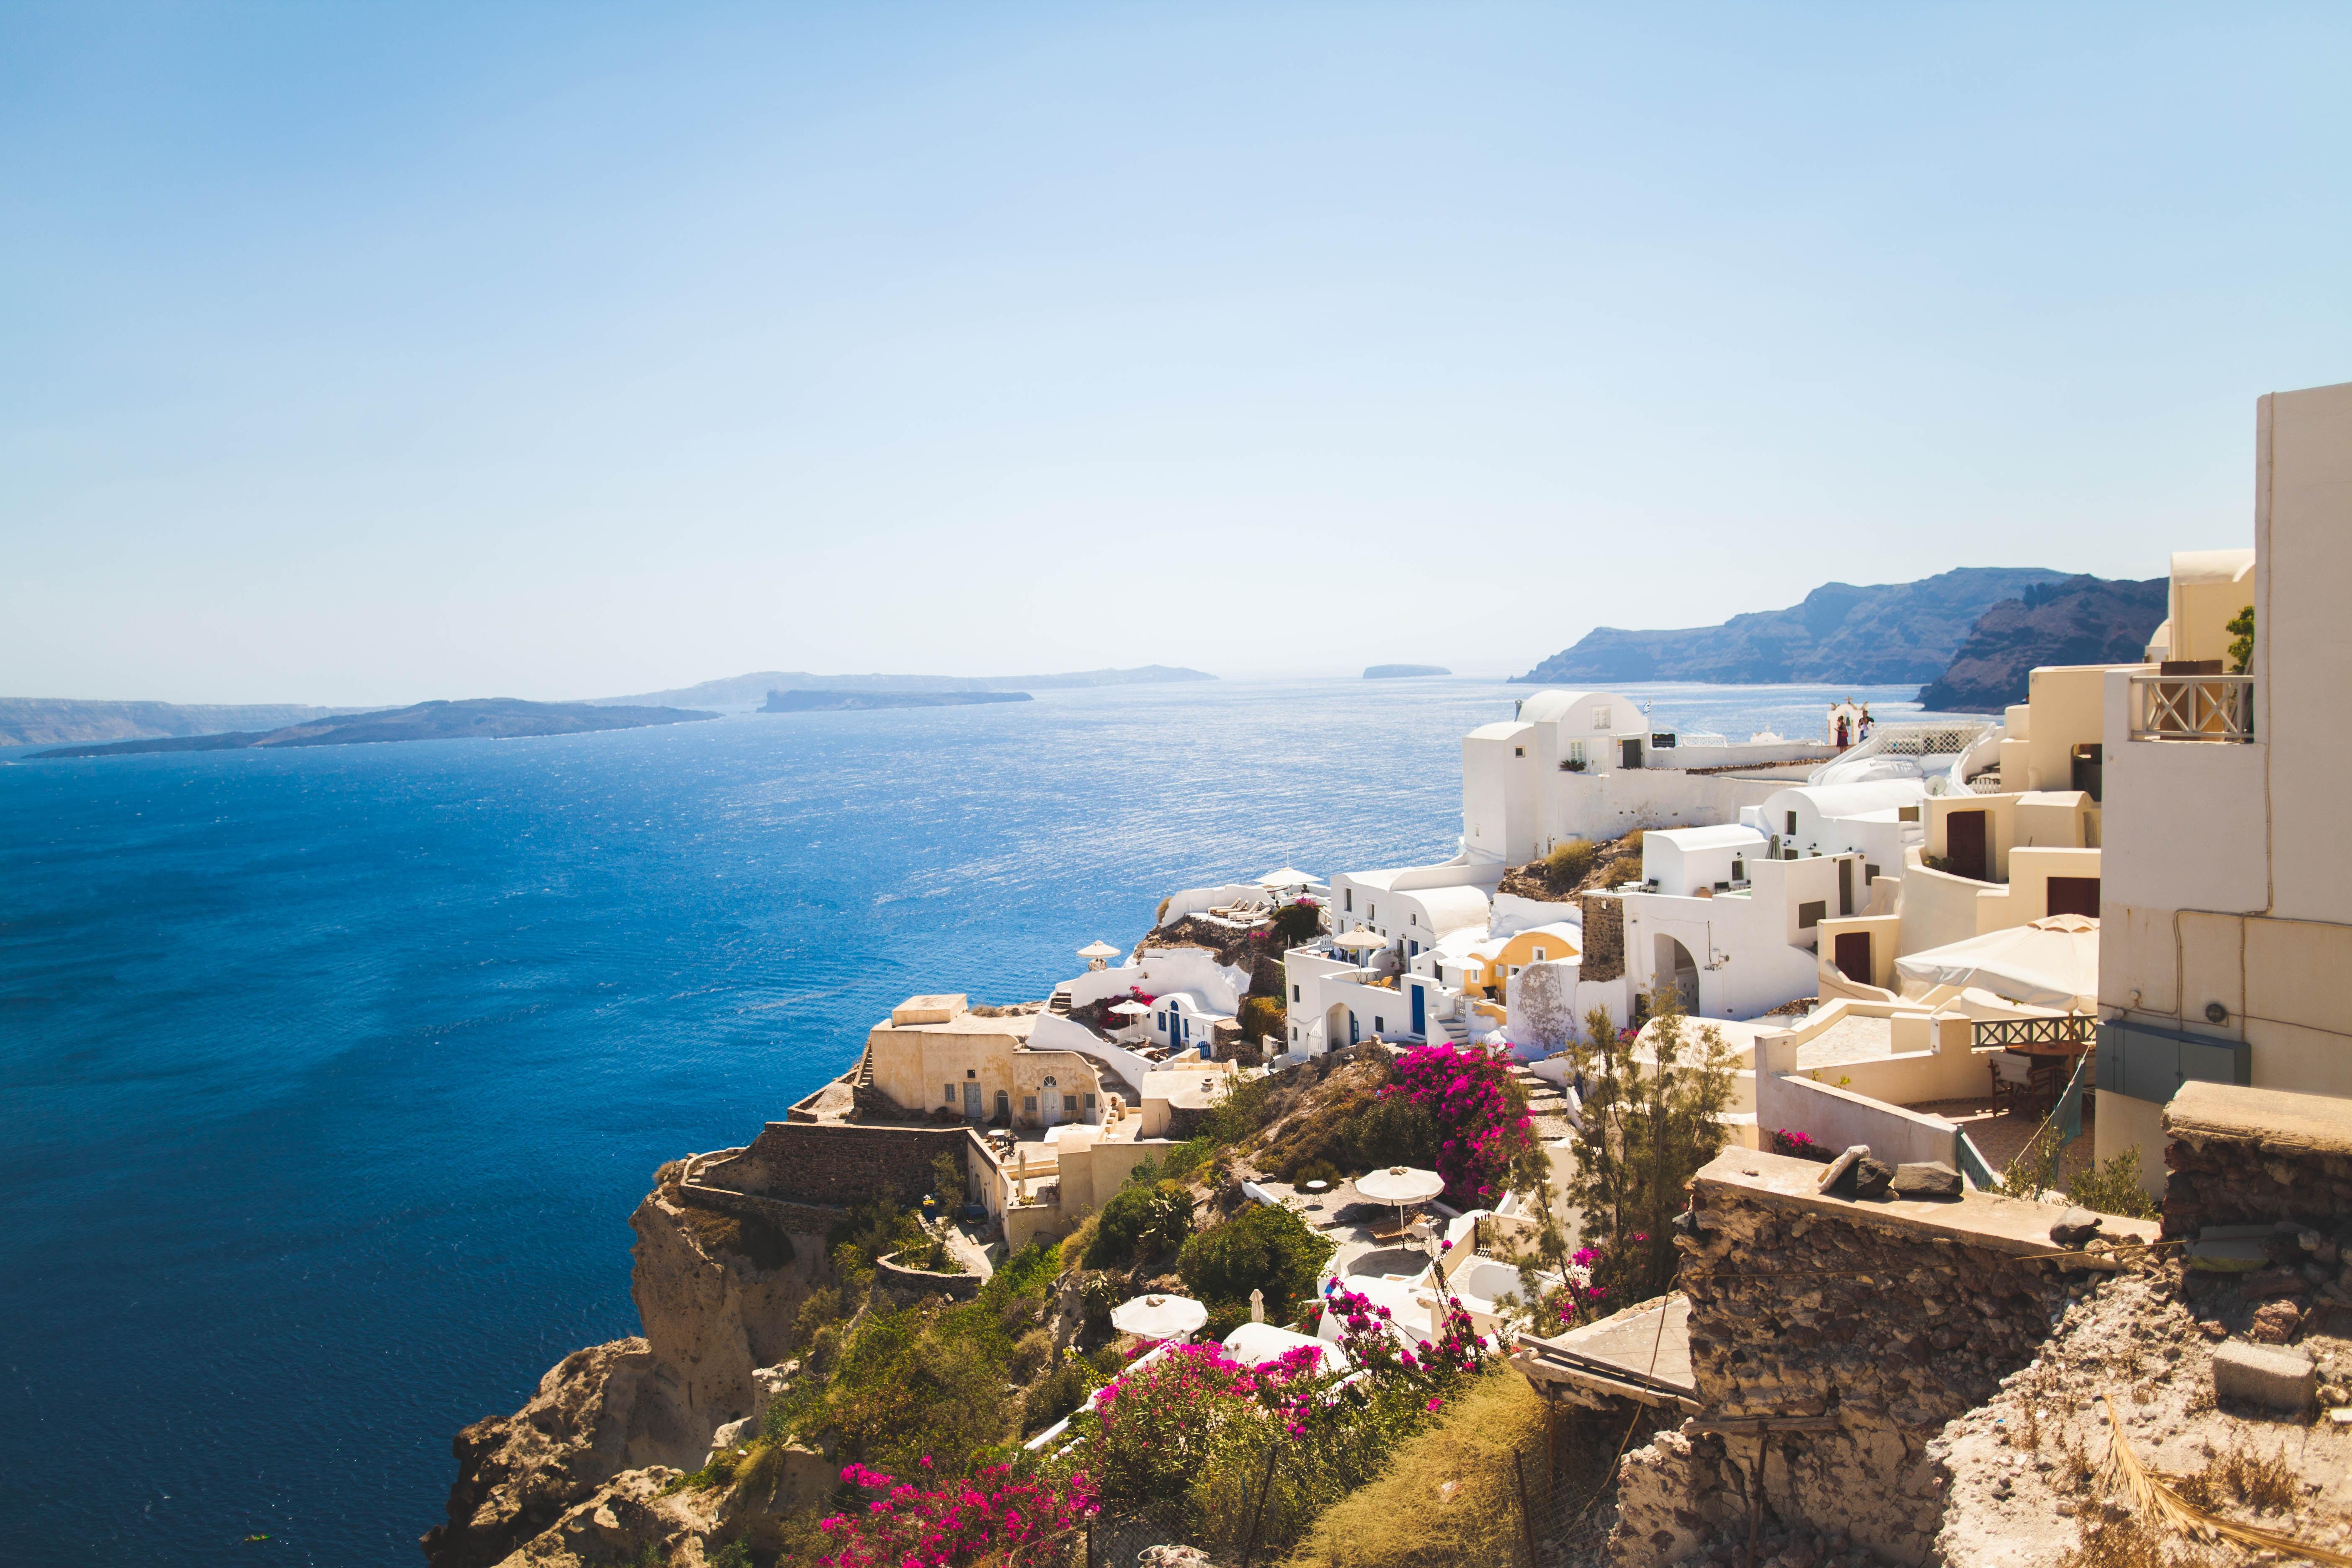 ミコノス島観光おすすめスポット9選!エーゲ海に映える白壁が素敵だった!